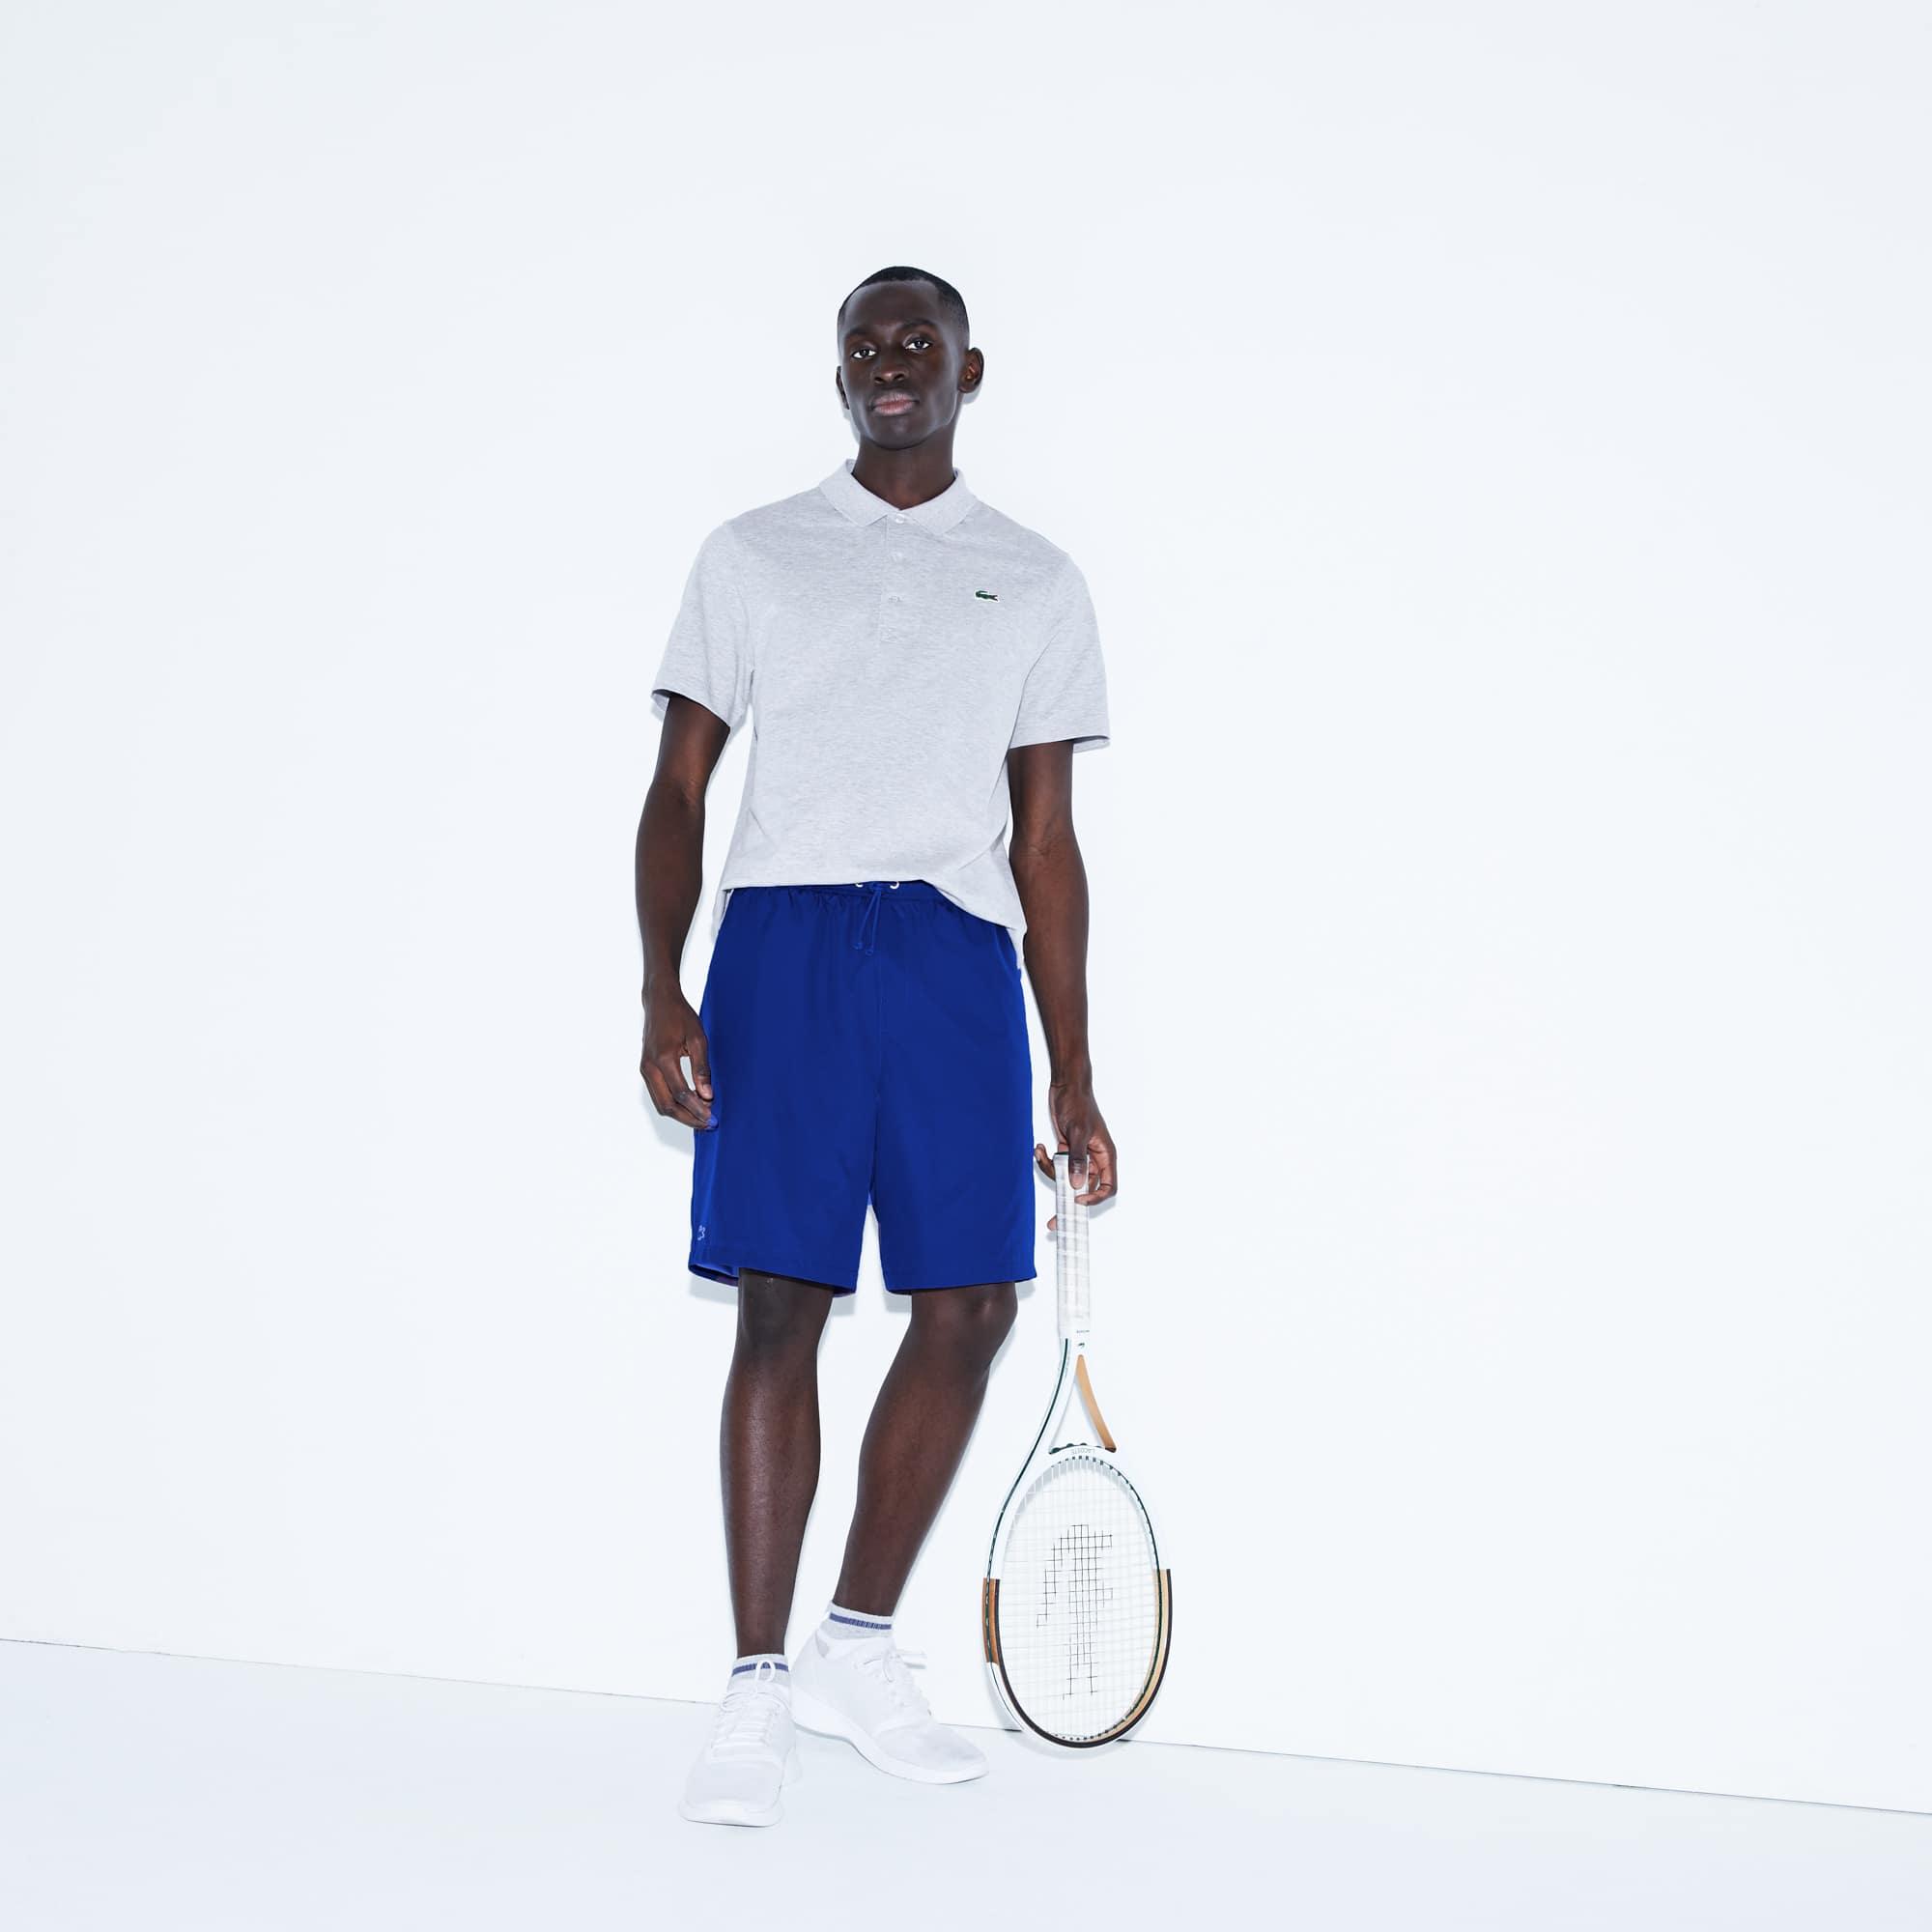 207d35adf87 Novak Djokovic